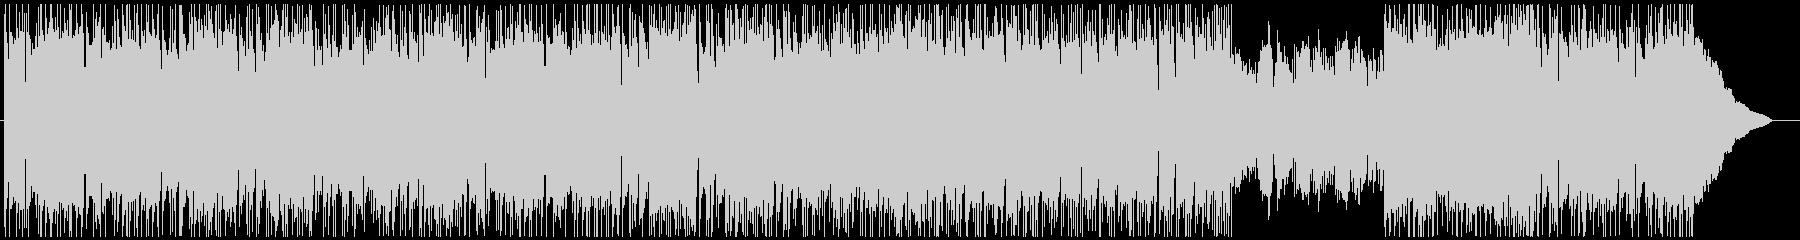 バンド生録/西海岸ライク&シンプルロックの未再生の波形